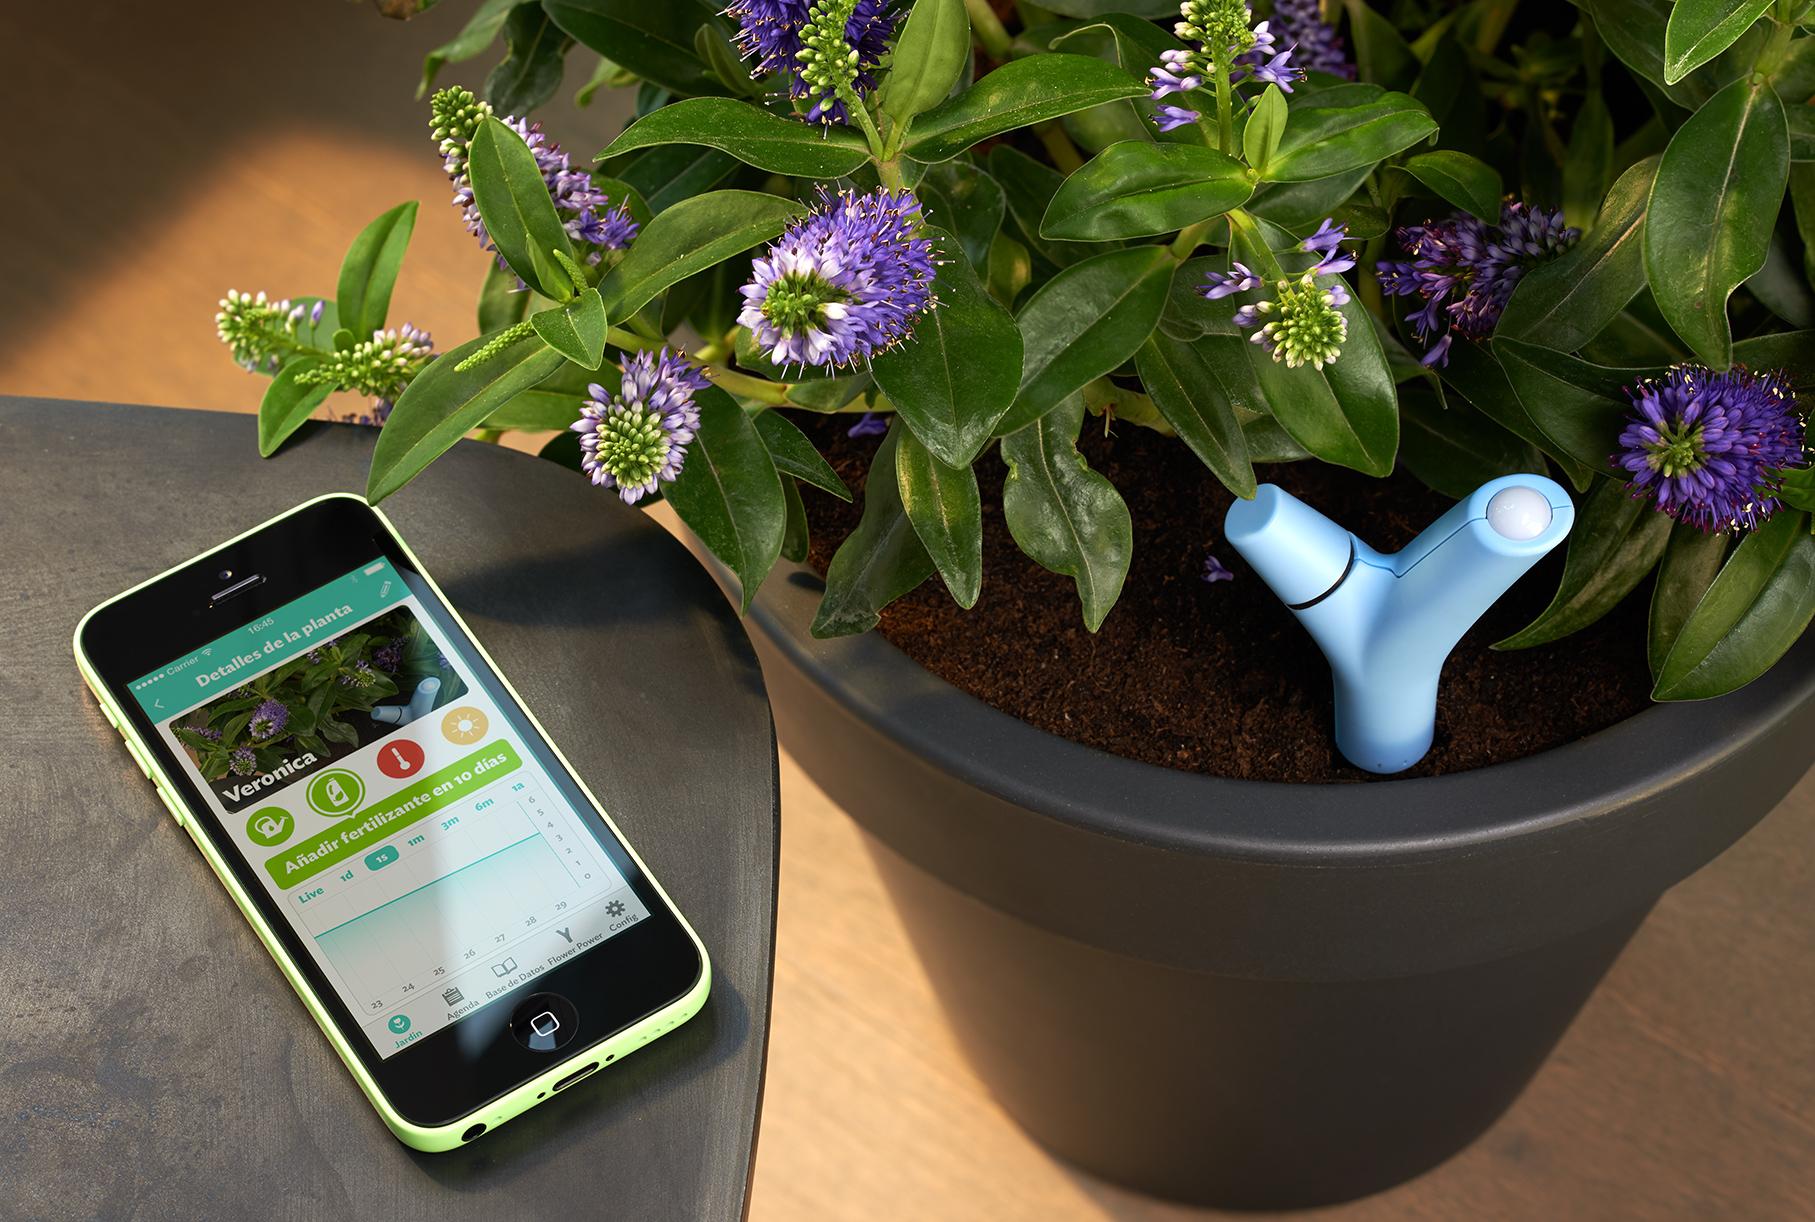 Senzor Parrot Flower Power